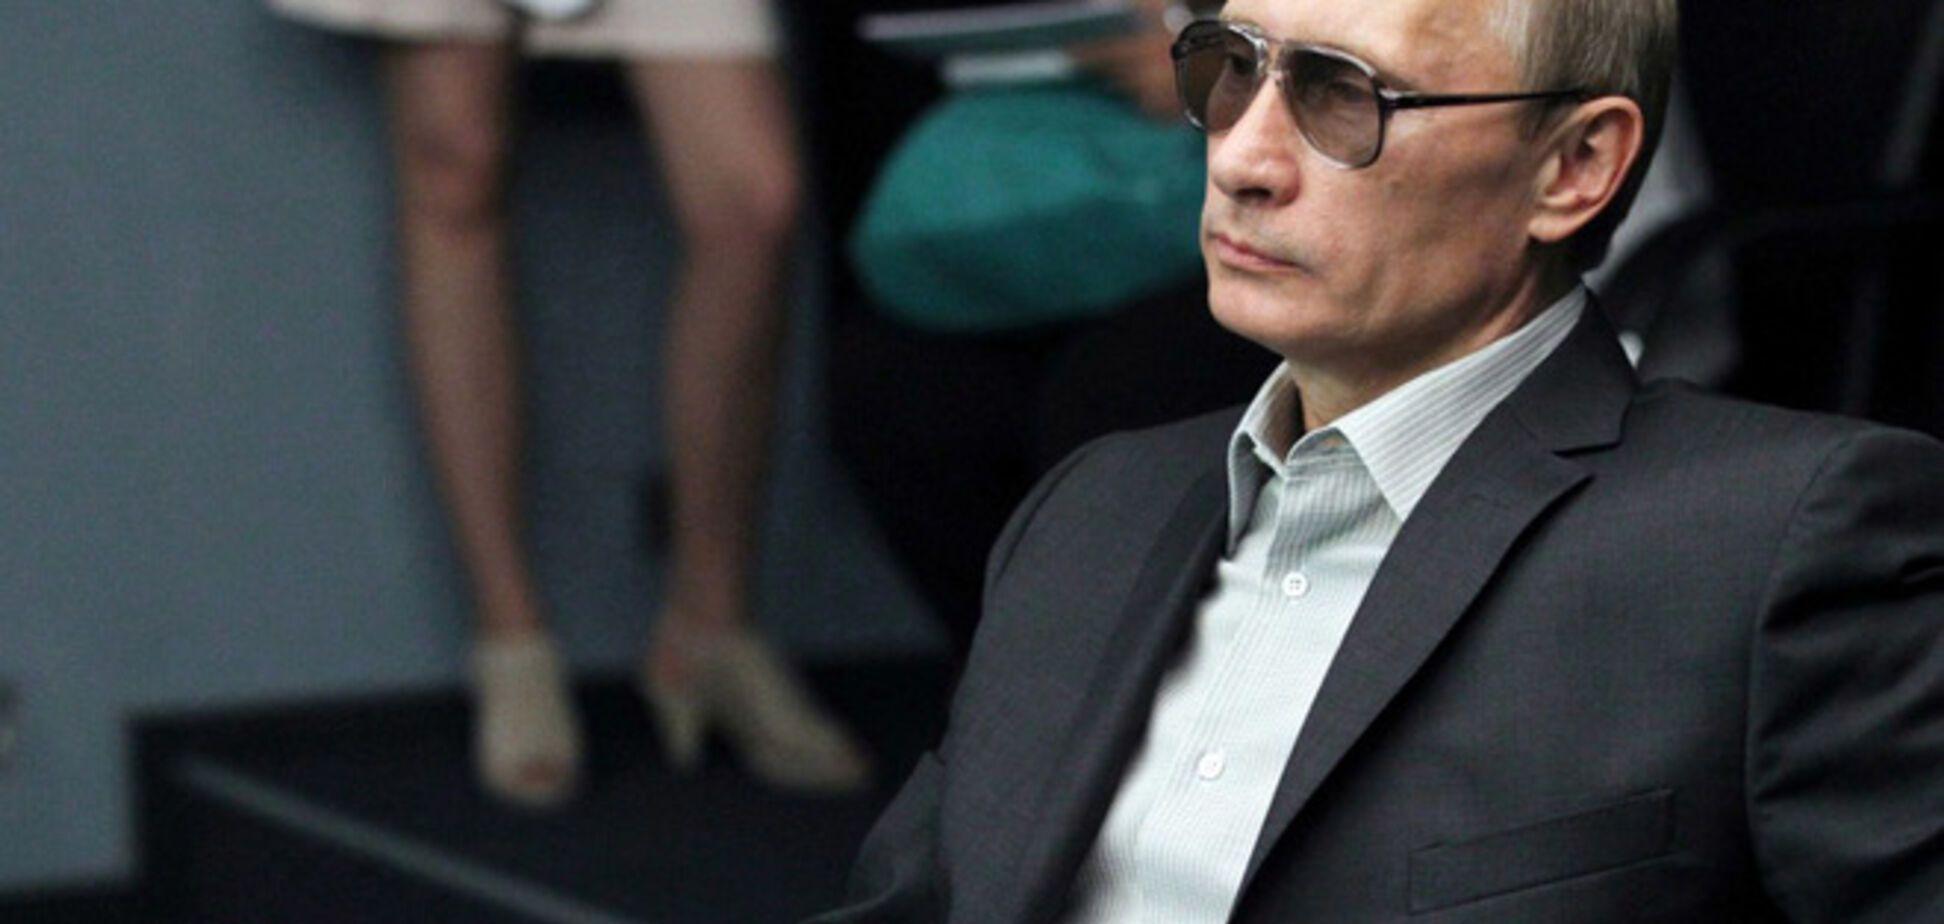 Путин 'крышевал' преступные группировки - суд по делу Литвиненко